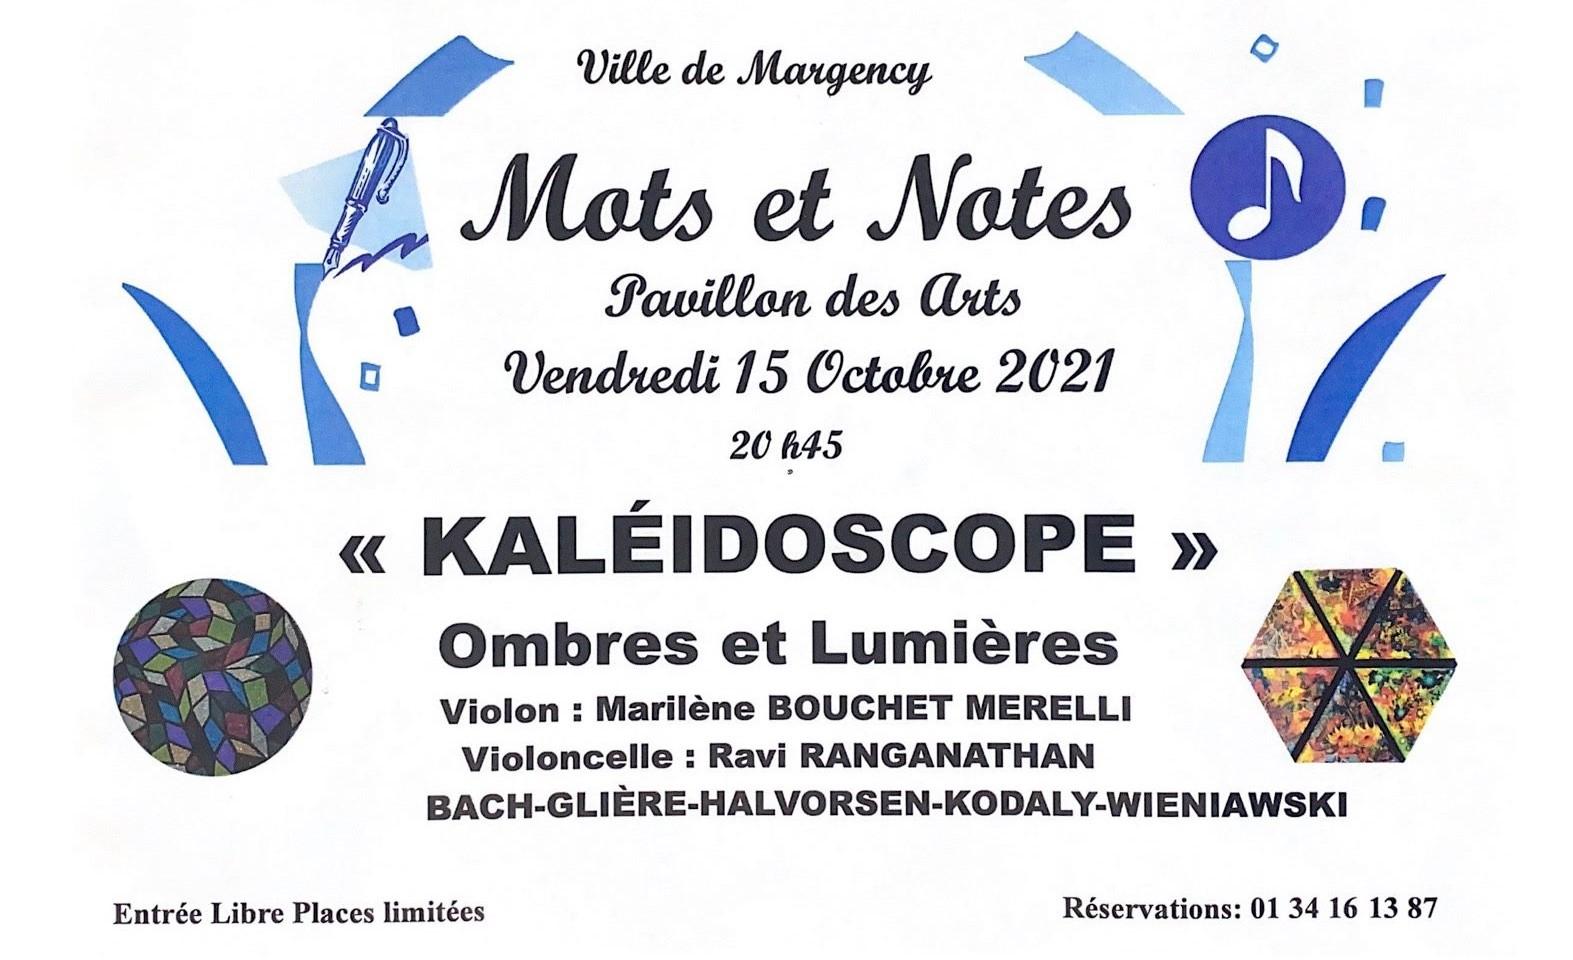 Mots et Notes à Margency le 15 octobre 2021